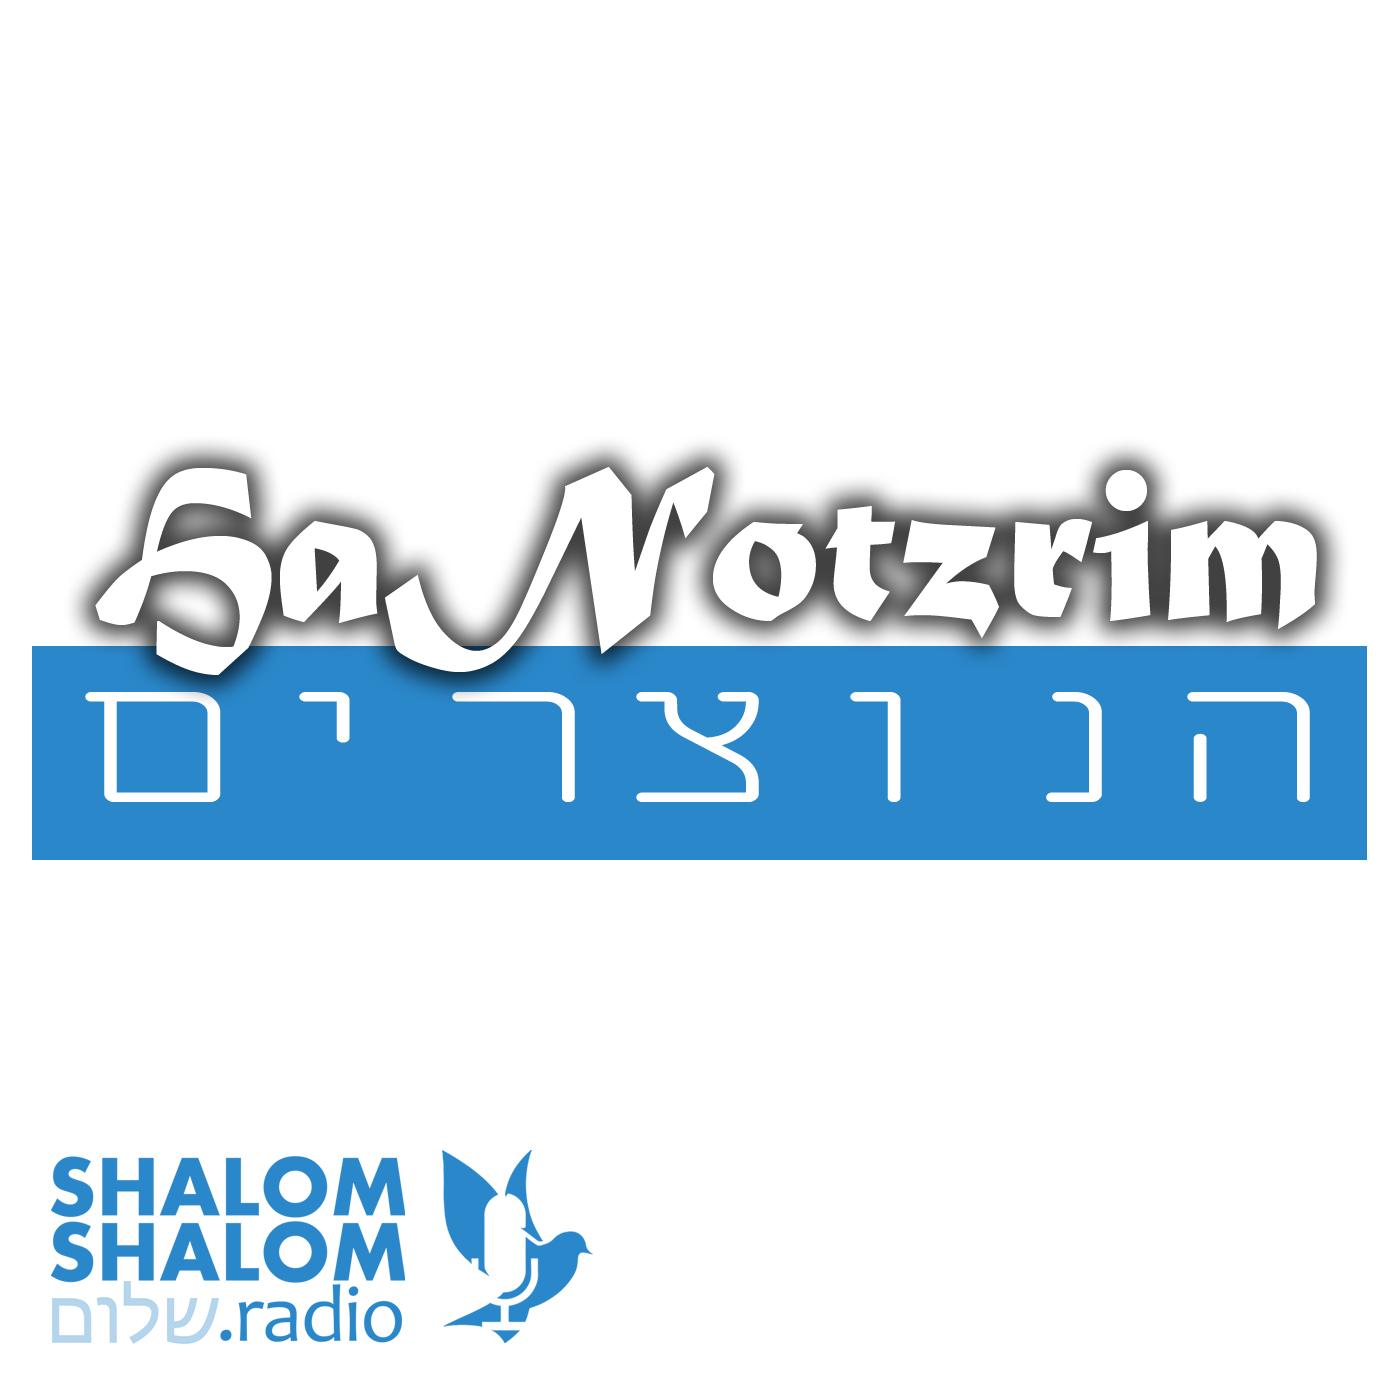 ShalomShalom.radio